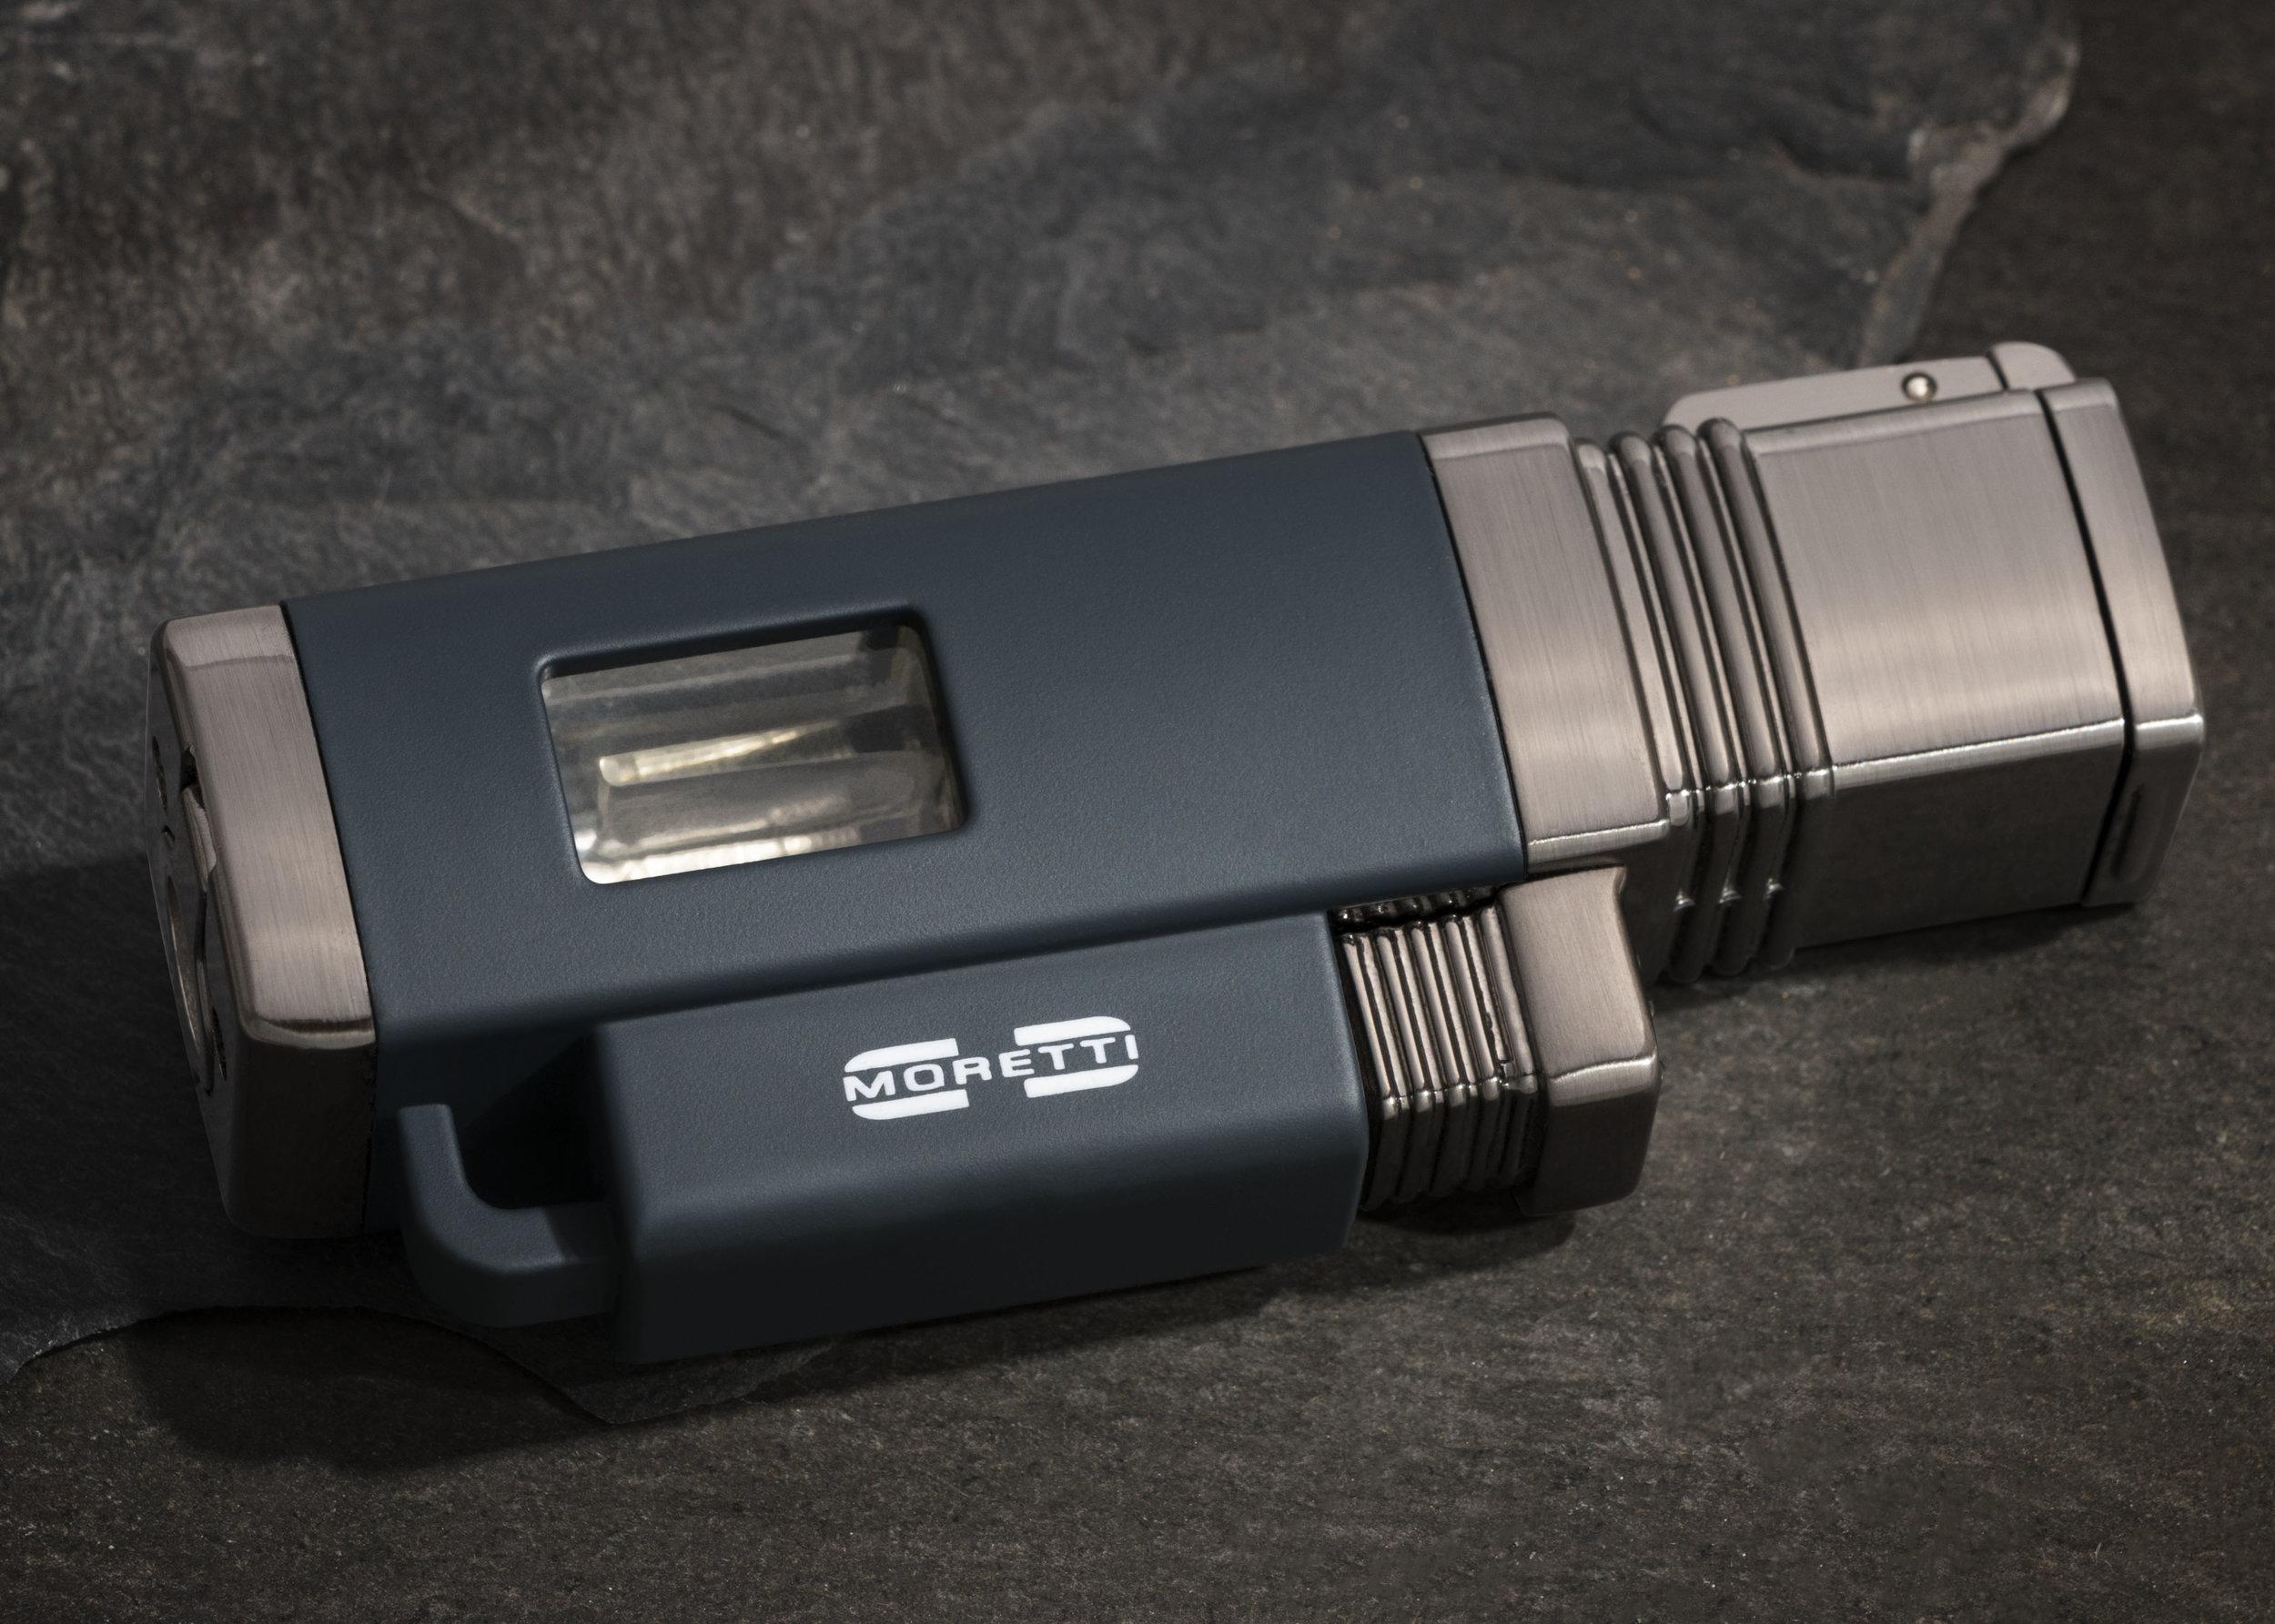 Moretti 4 Torch Lighter